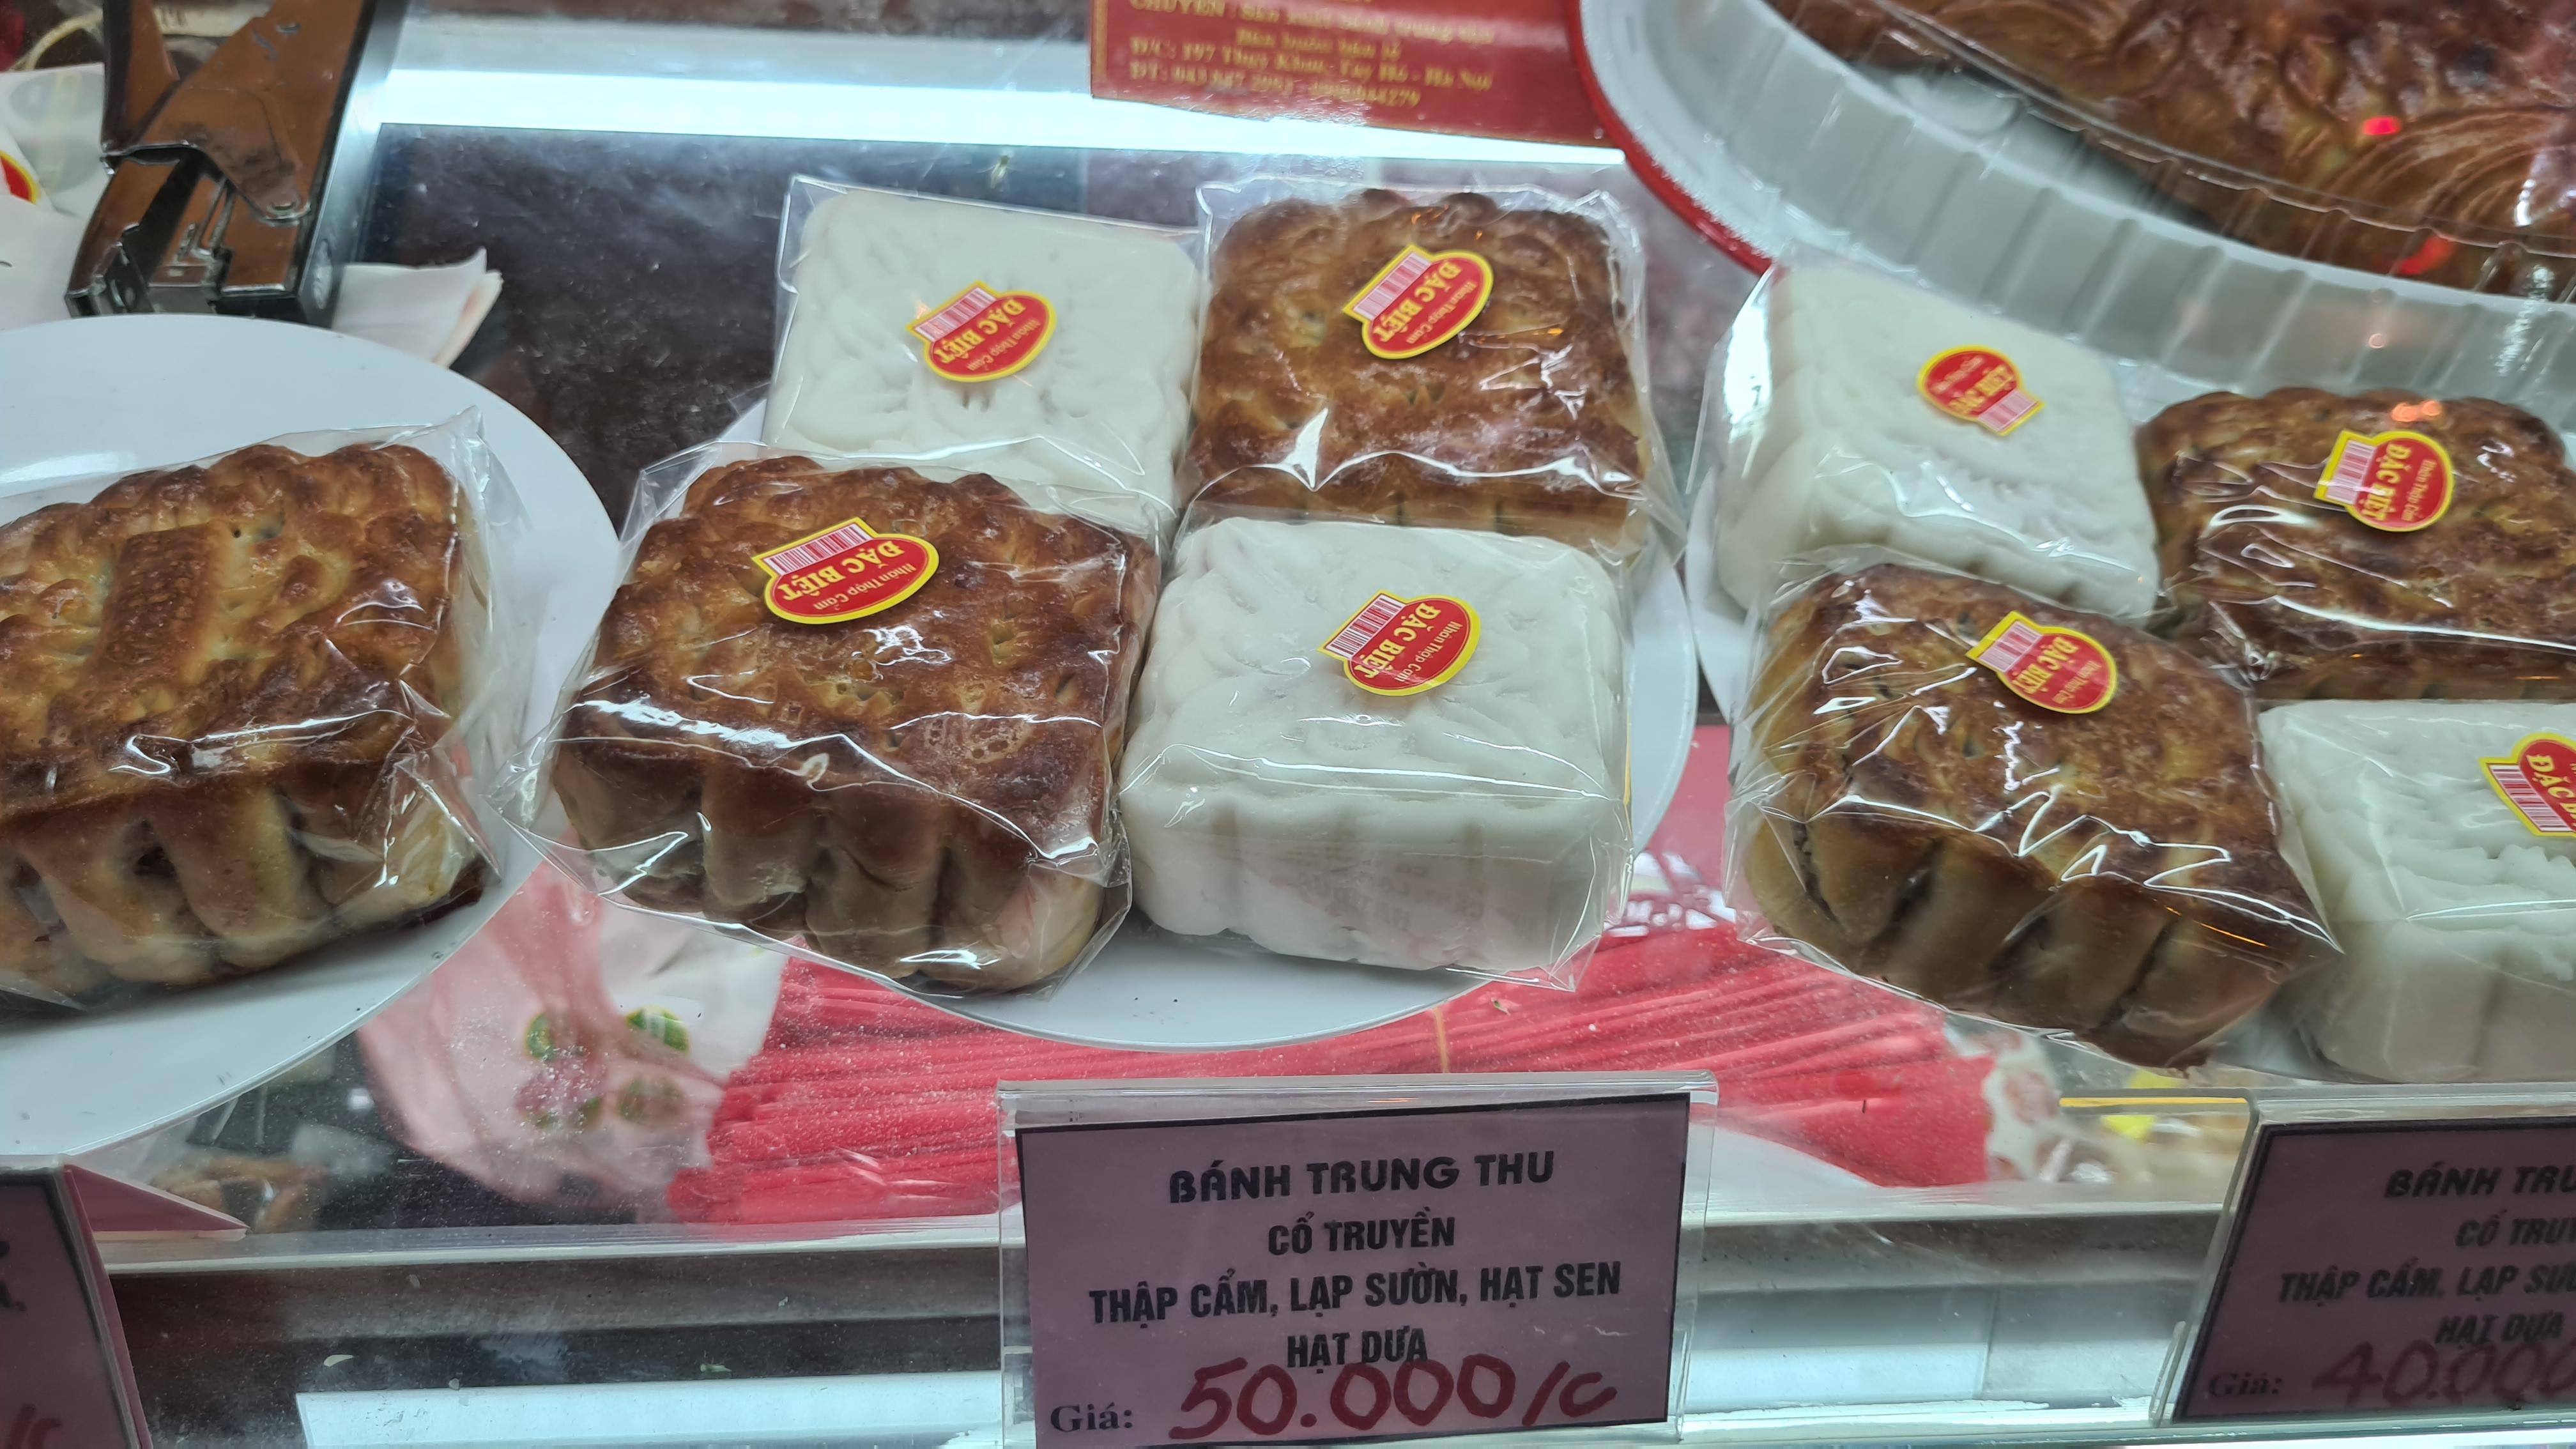 Người dân nườm nượp tới mua bánh trung thu tại các cửa hàng, gian hàng tại Hà Nội - Ảnh 7.